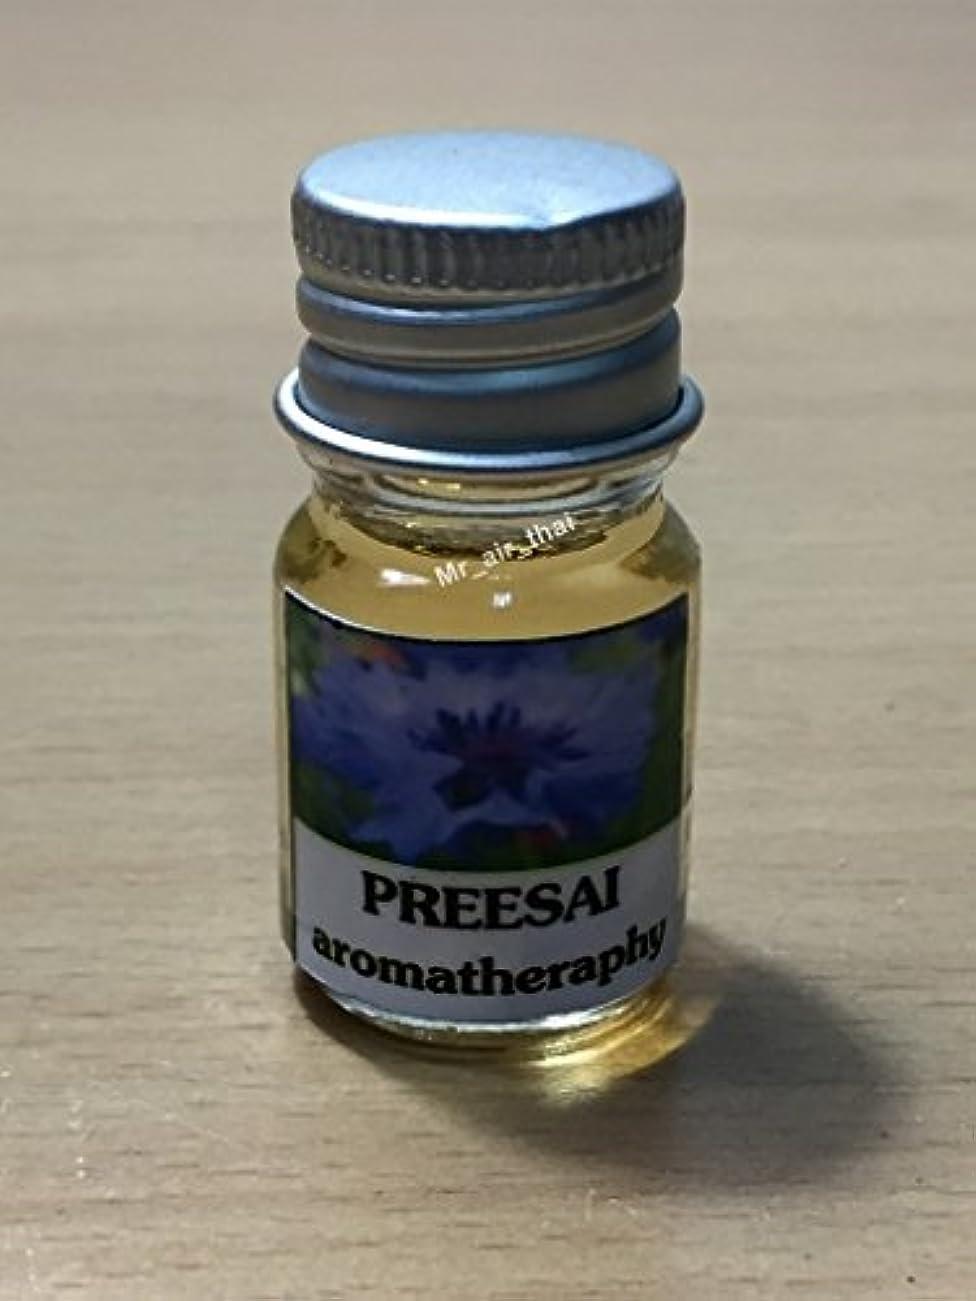 関係する変換ハイブリッド5ミリリットルアロマフリージアフランクインセンスエッセンシャルオイルボトルアロマテラピーオイル自然自然5ml Aroma freesia Frankincense Essential Oil Bottles Aromatherapy...